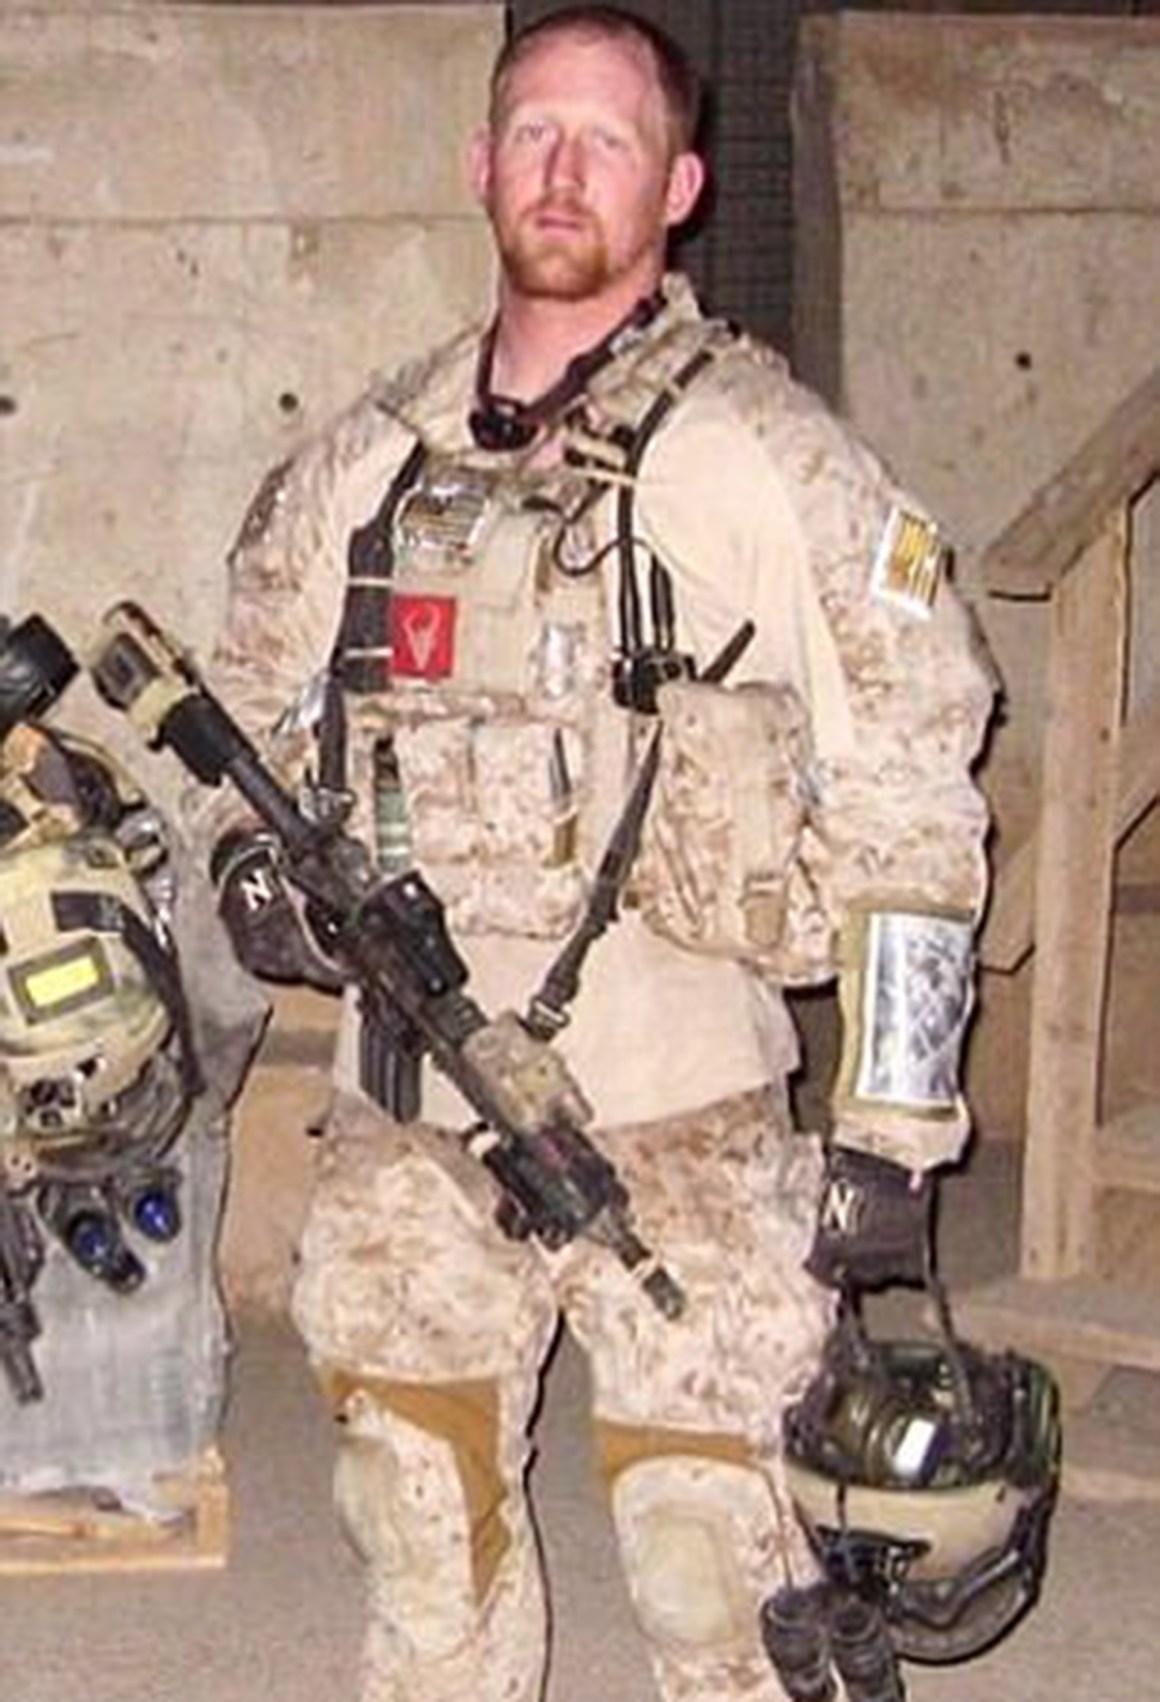 Además del operativo contra Bin Laden, también participó del rescate del Capitán Phillips de manos de piratas somalíes